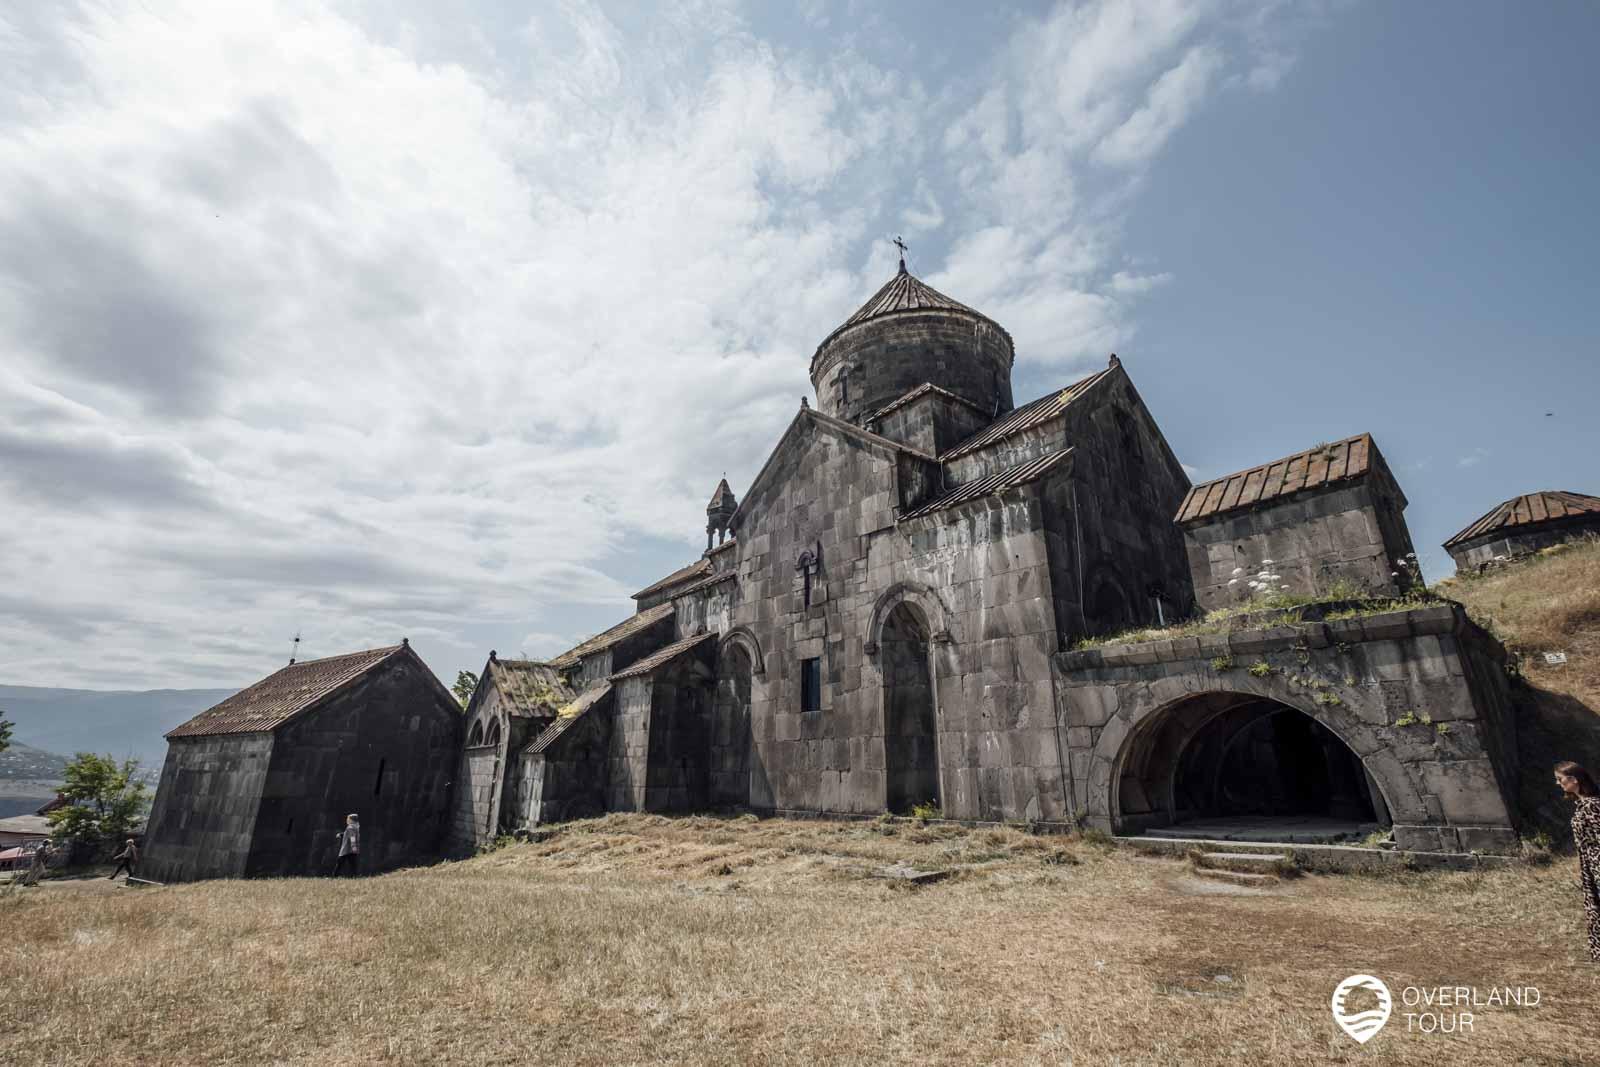 In der Provinz Lori, im Norden Armeniens, steht das Kloster Haghpatavank das im 10. Jahrhundert